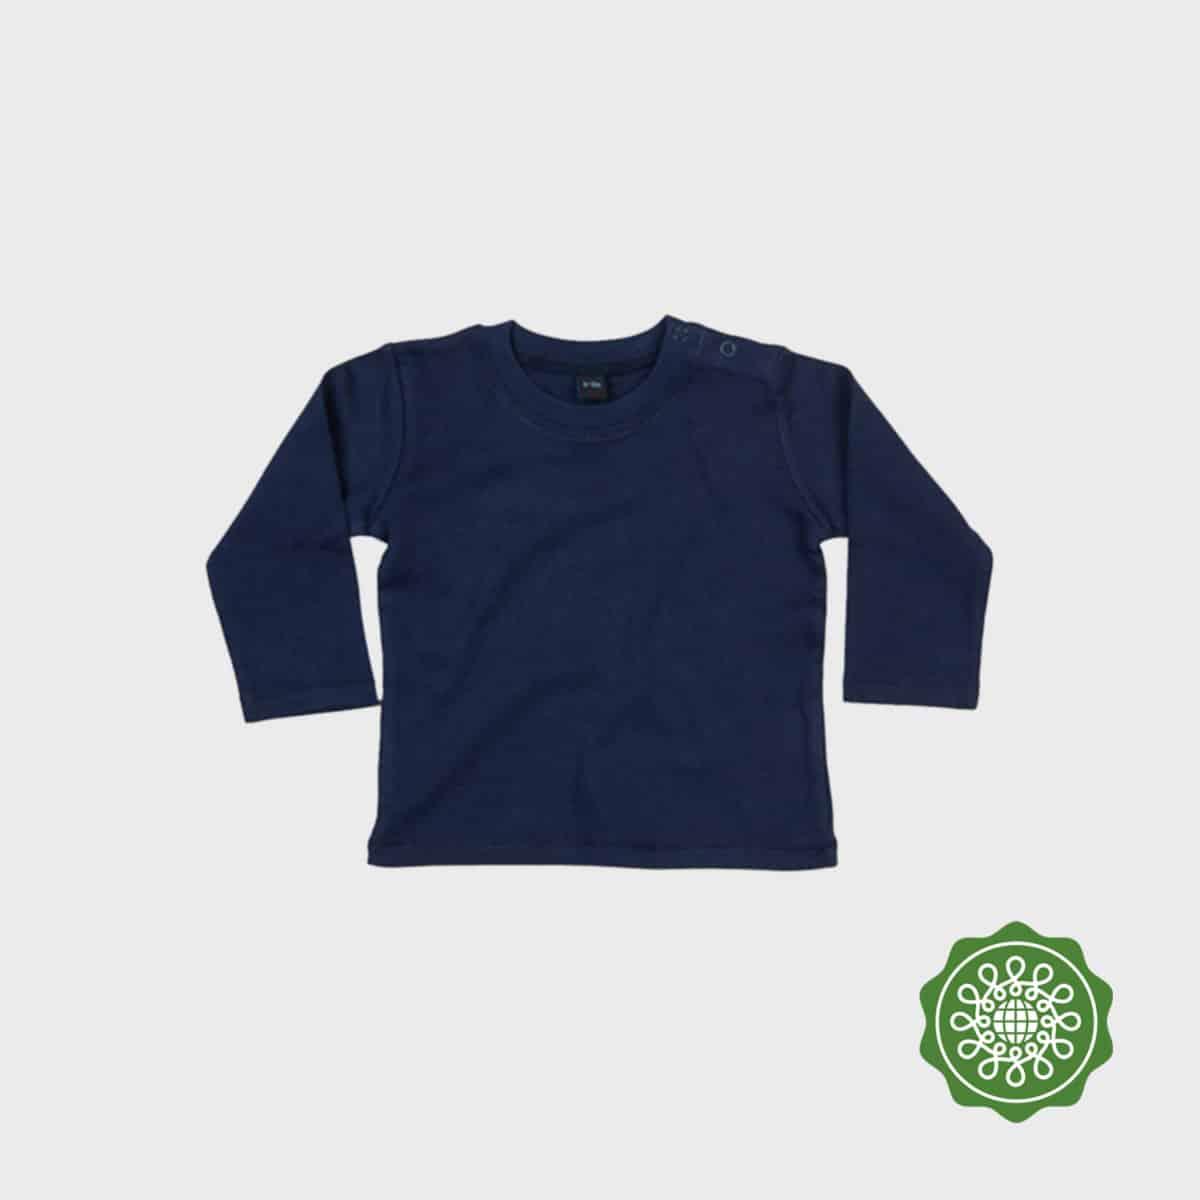 Baby-Sweatshirt-besticken-lassen